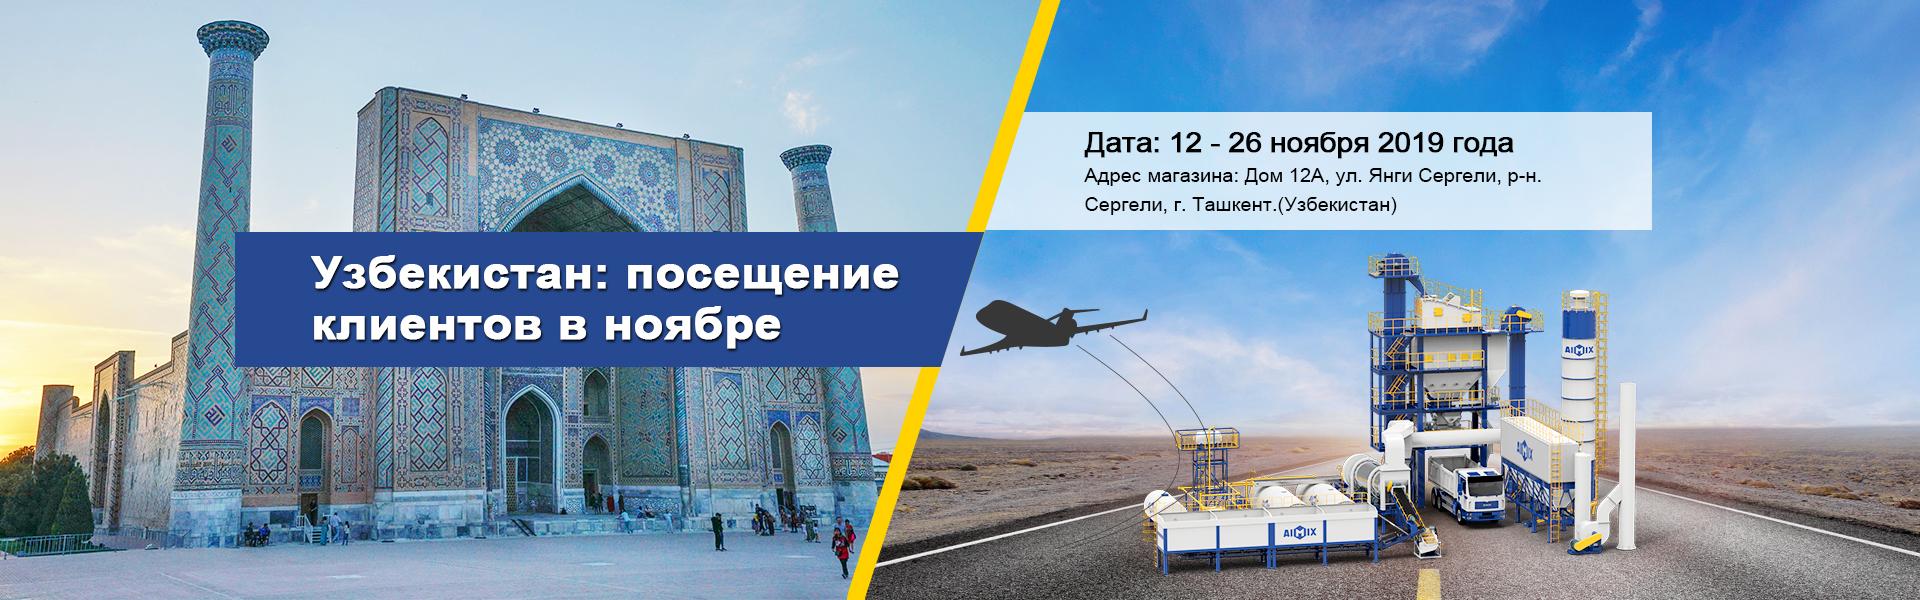 Узбекистан посещение клиентов